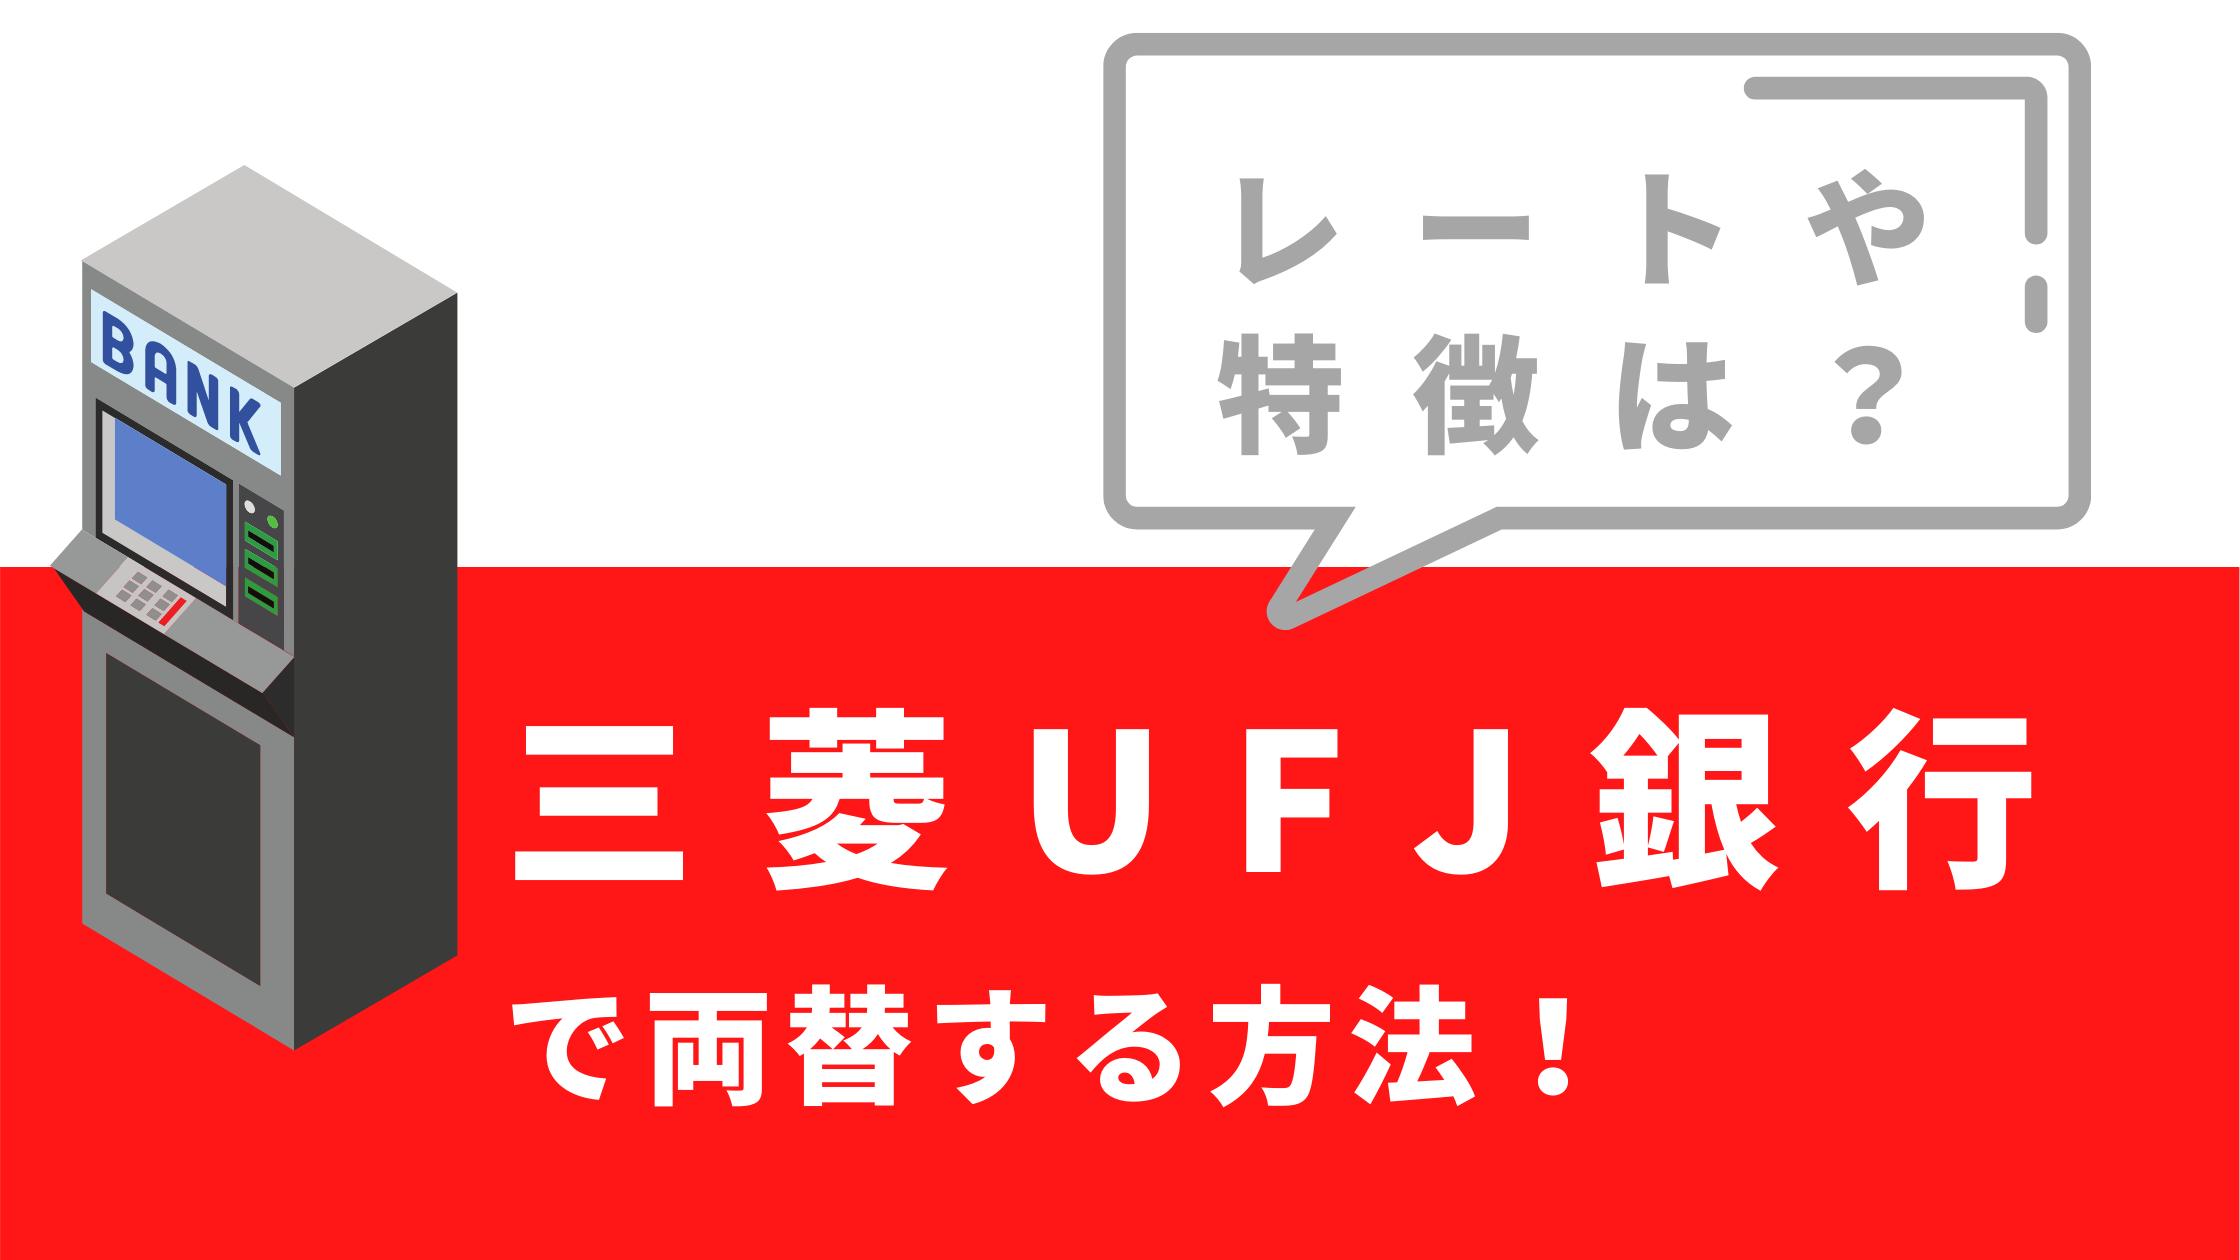 レートや特徴は?三菱UFJ銀行で両替する方法!